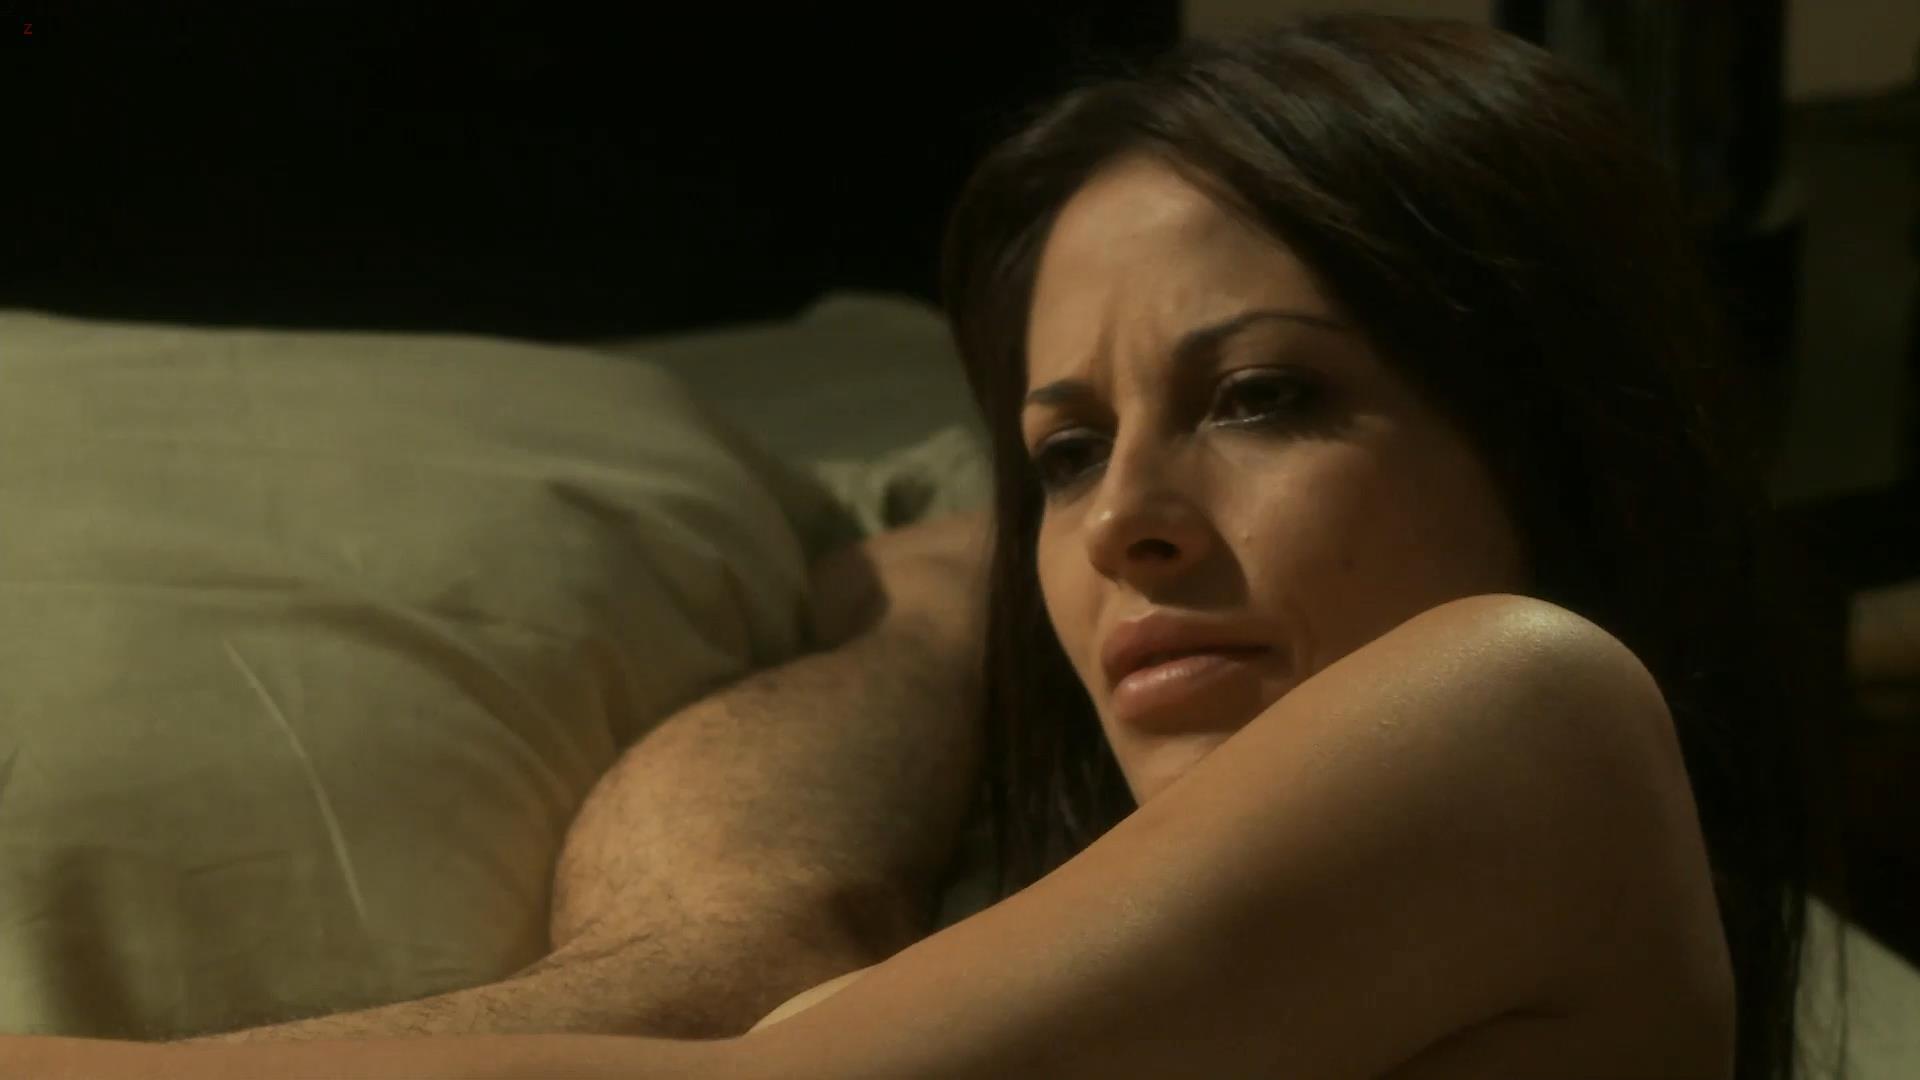 Elizabeth cervantes nude boobs bush oscura seduccion movie - 2019 year